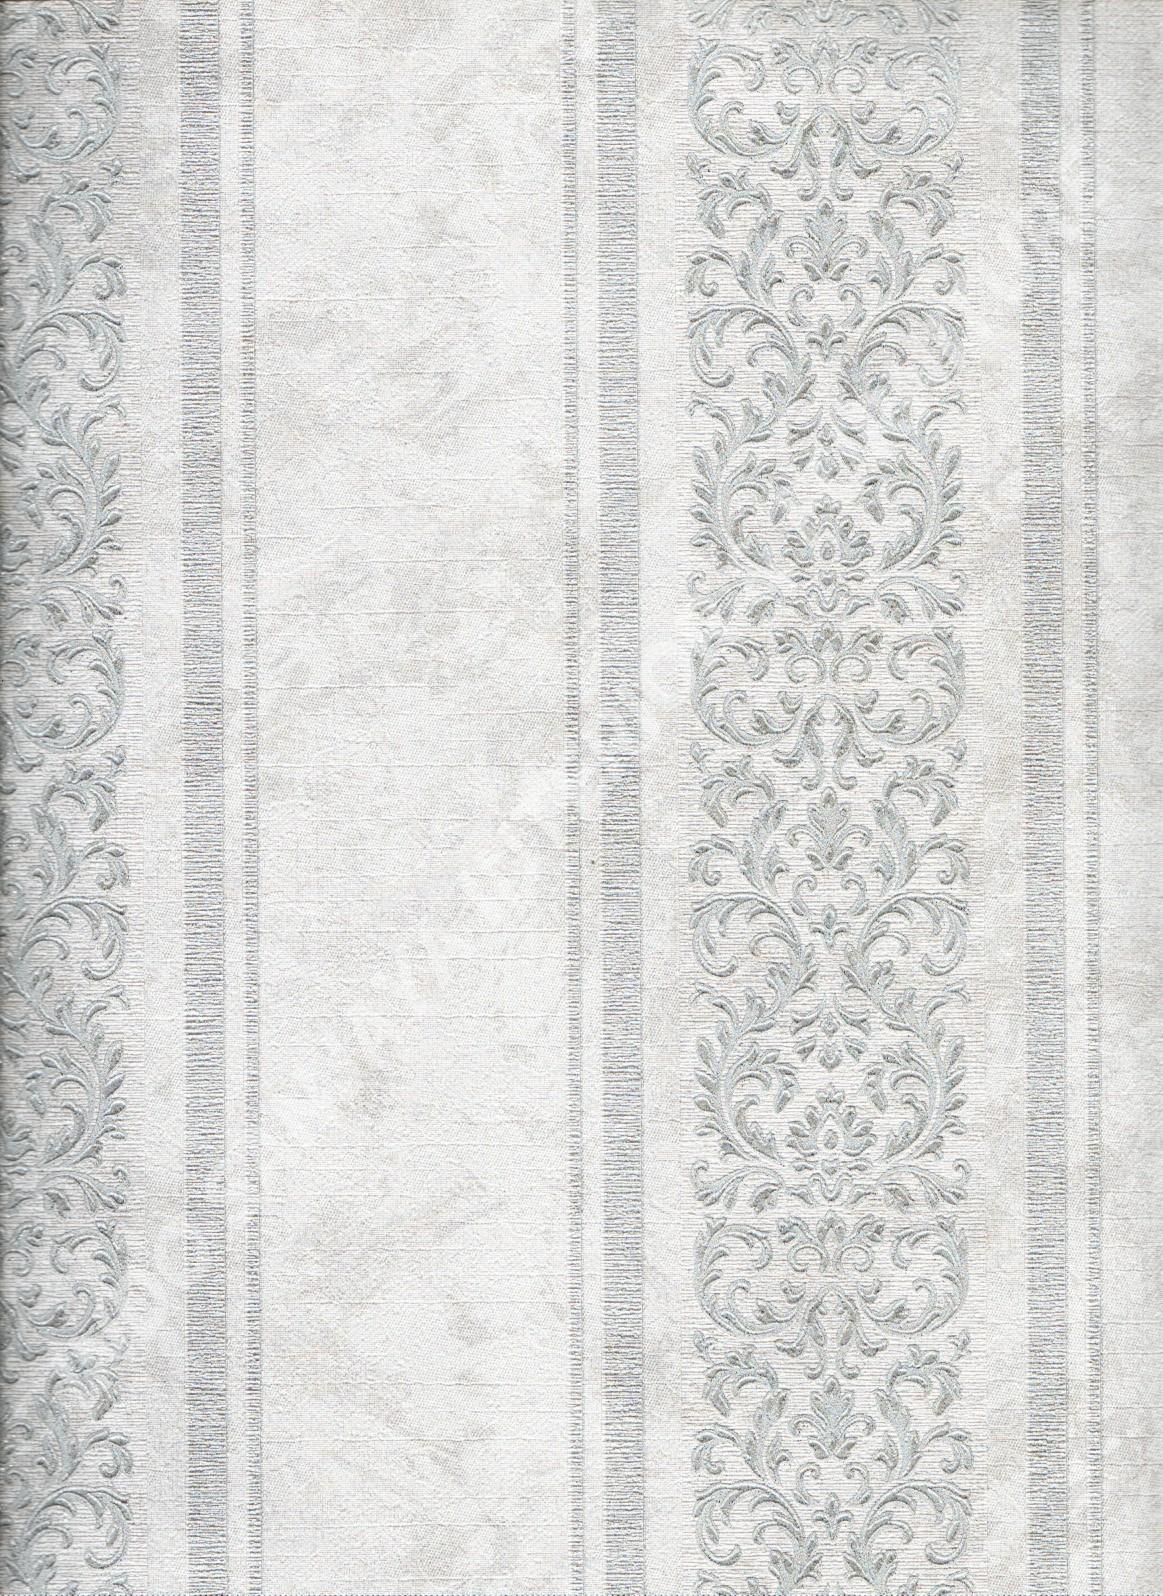 wallpaper   Wallpaper Klasik Batik (Damask) 81082-1:81082-1 corak  warna